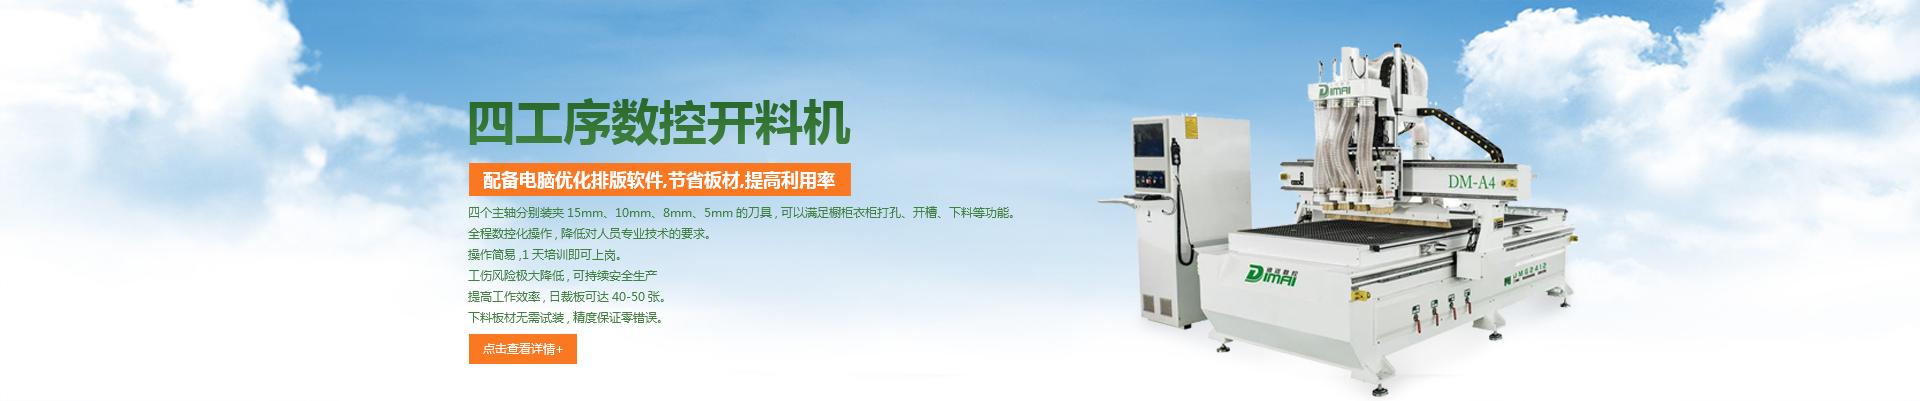 家具生产数控设备